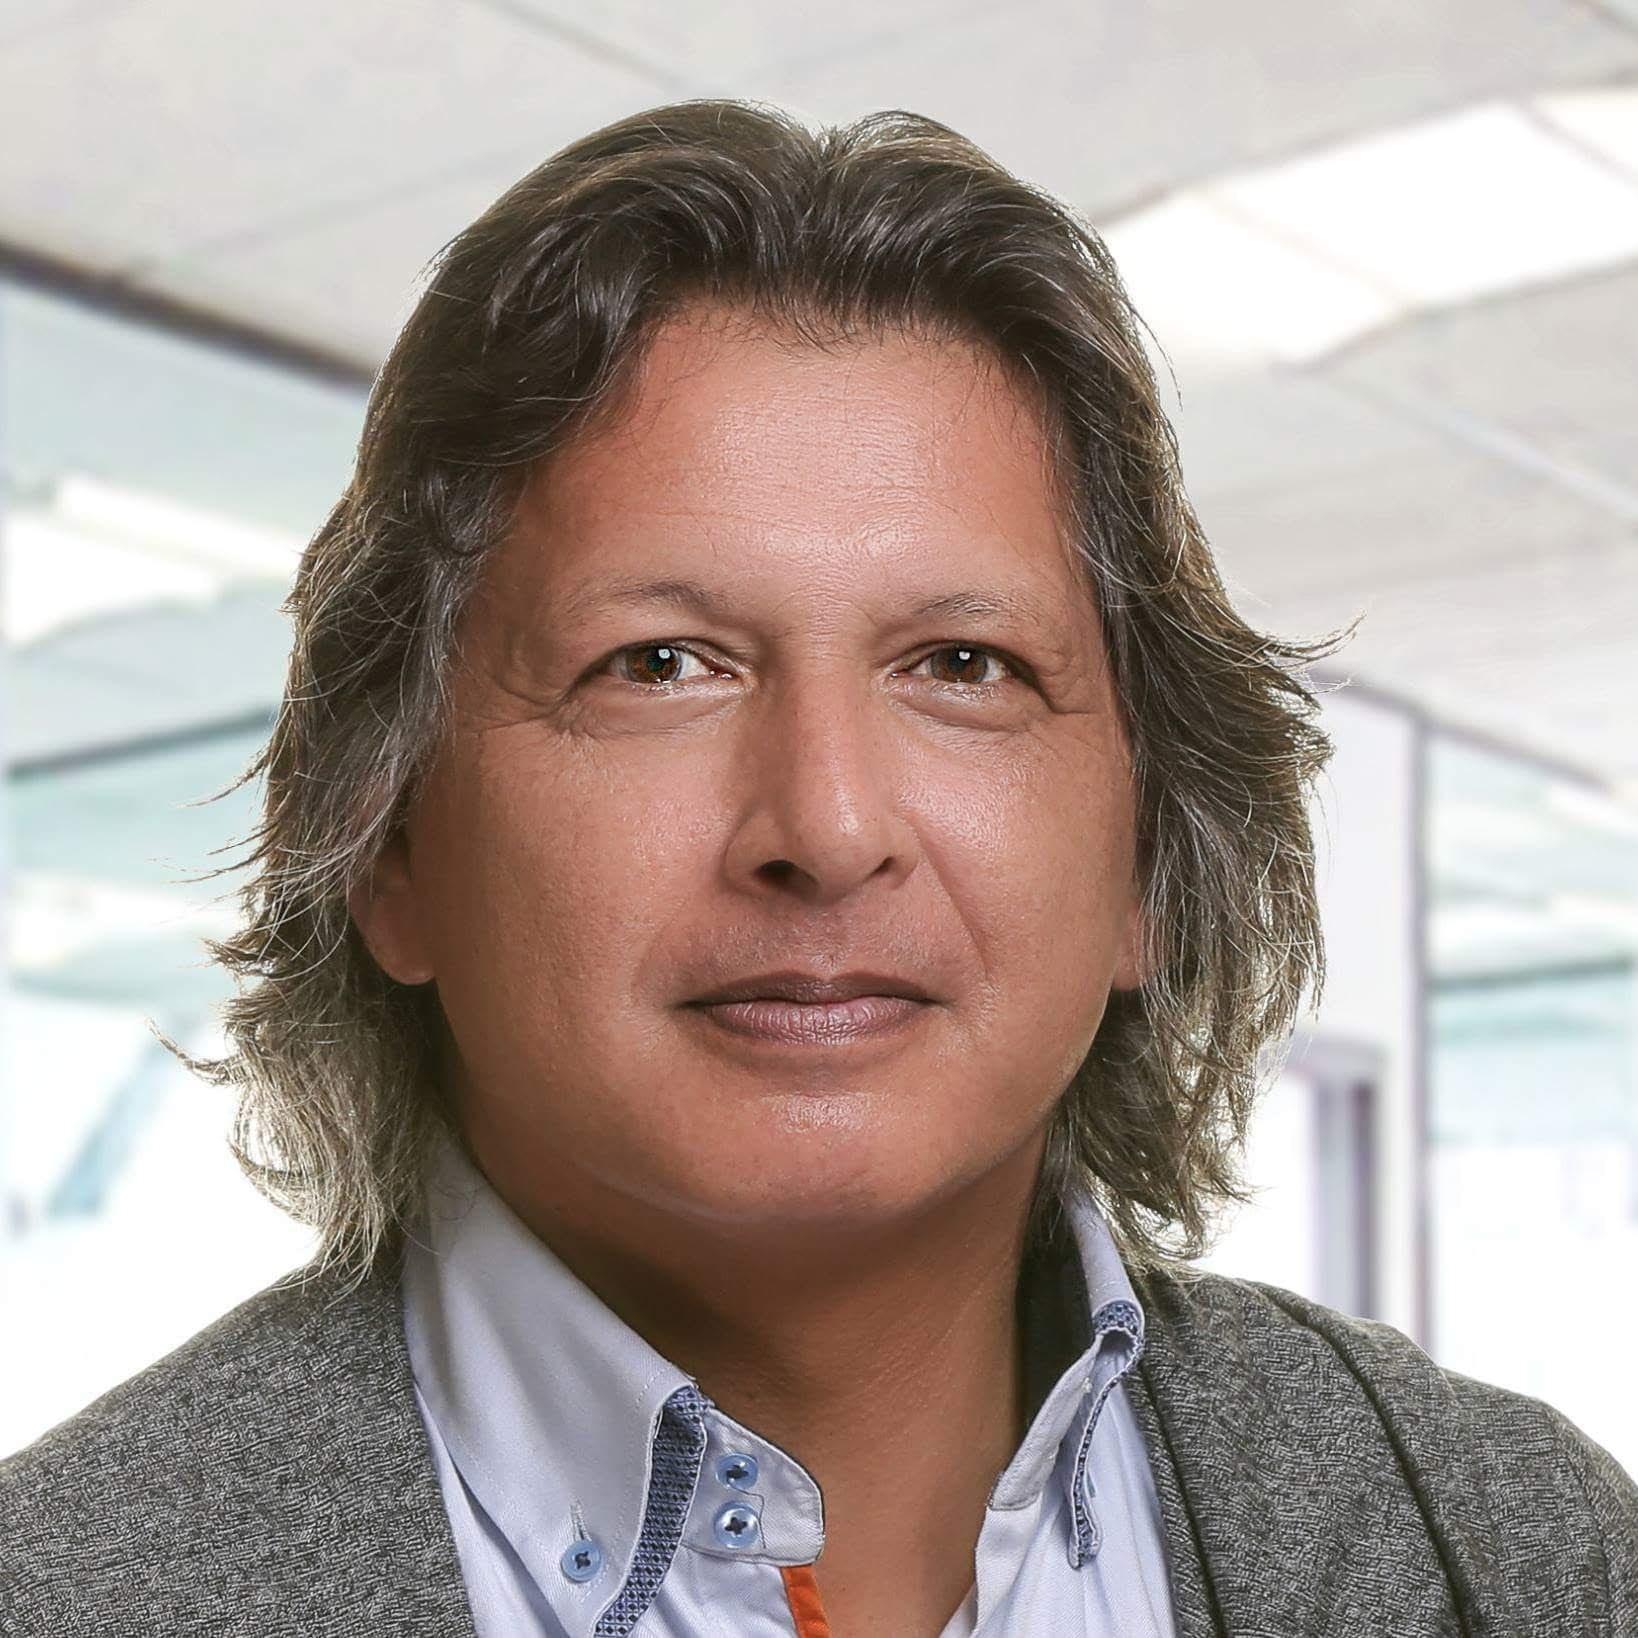 Paul Zoetemeijer